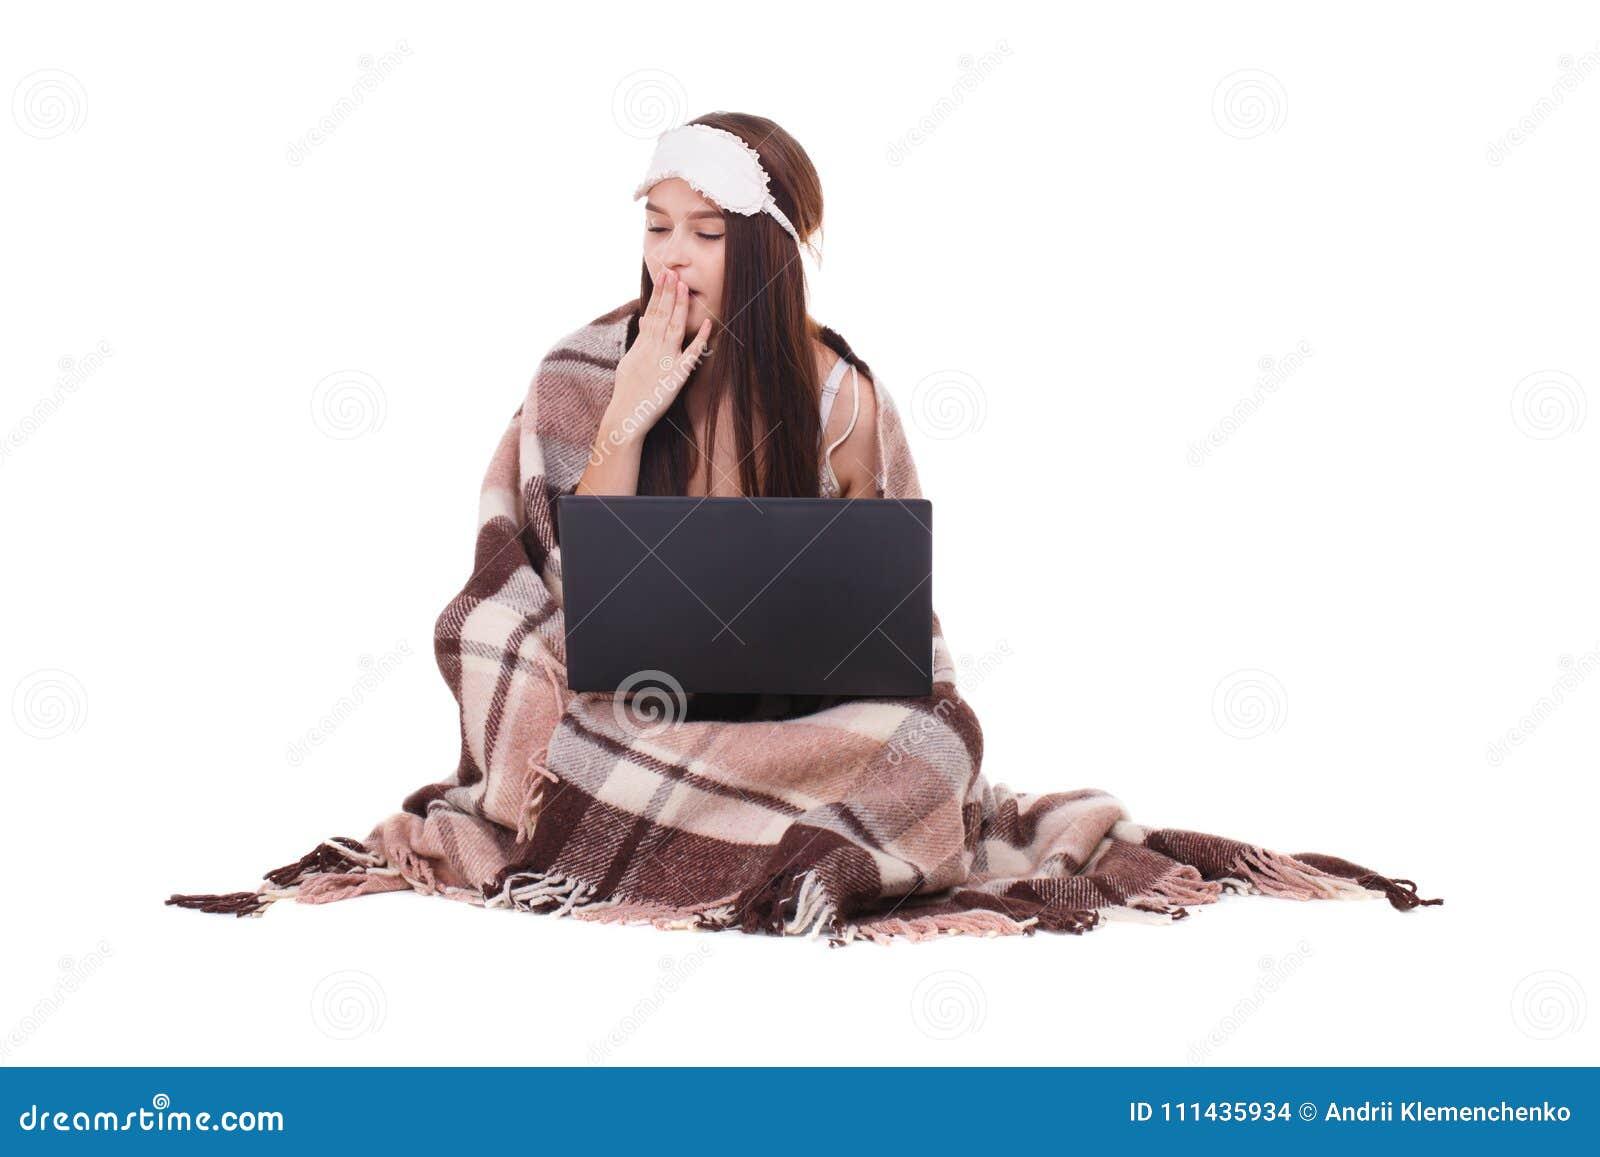 Beeld van jong meisje met slaapmasker op haar hoofd Klaar aan slaapmeisje met laptop